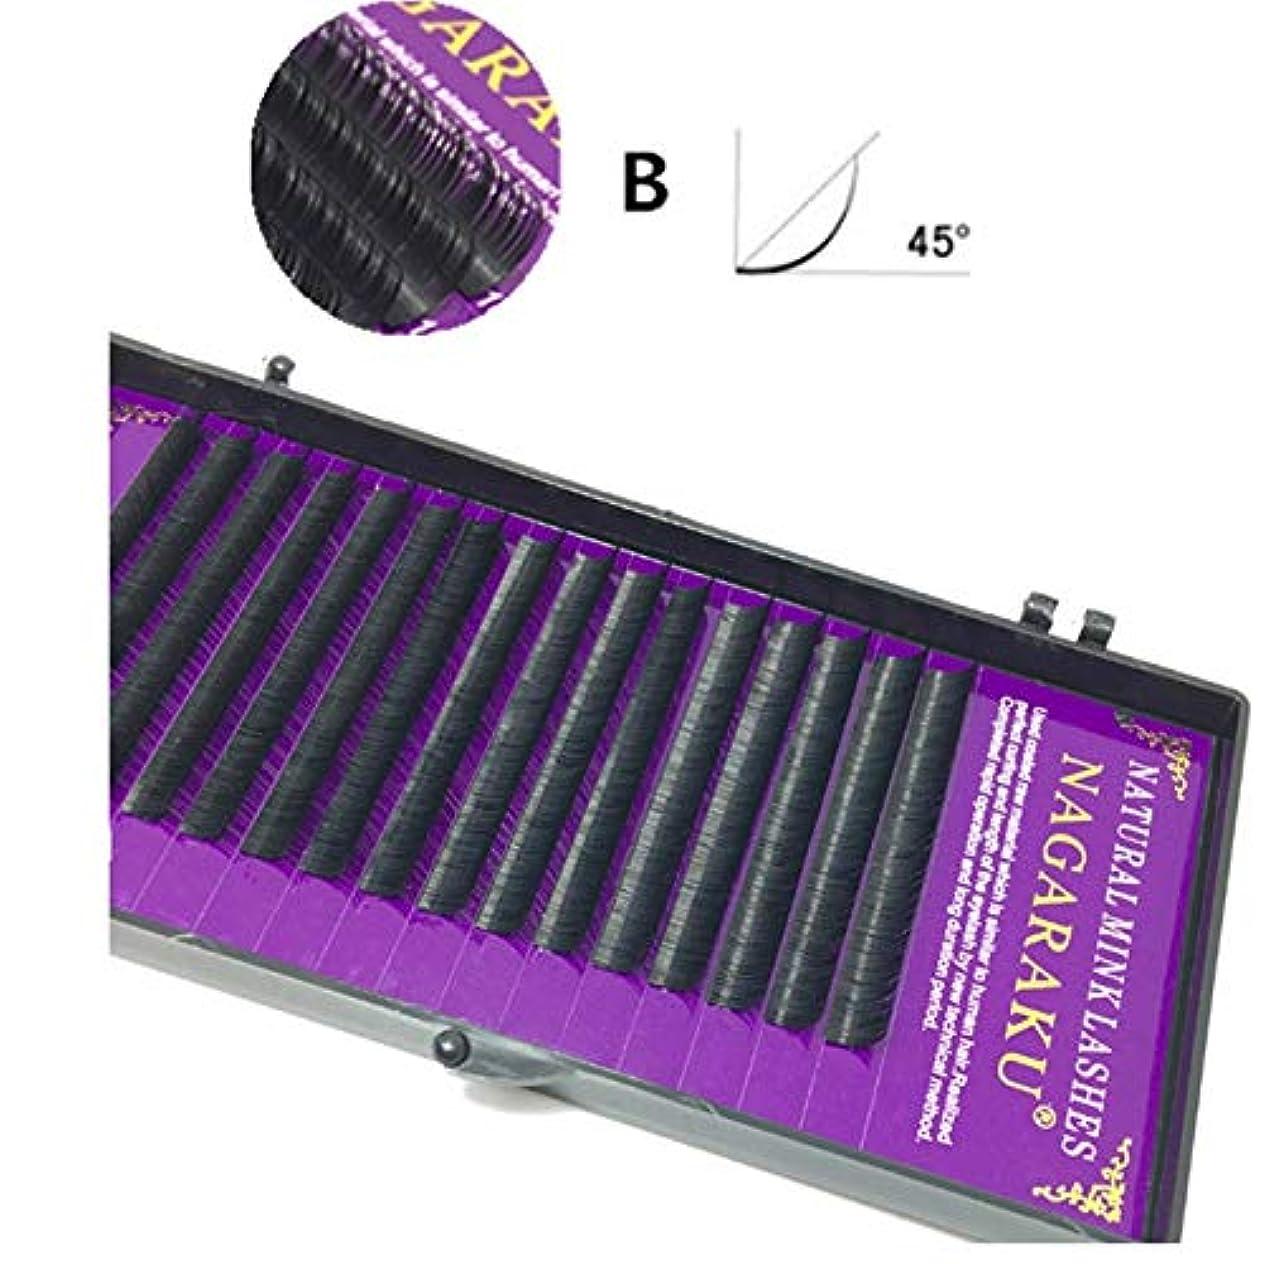 記憶に残る過敏な甘くする美容アクセサリー 16行ナチュラルメイクまつ毛黒つけまつげアイまつげエクステンションツール、カール:B、厚さ:0.10 mm(8 mm) 写真美容アクセサリー (色 : 10mm)